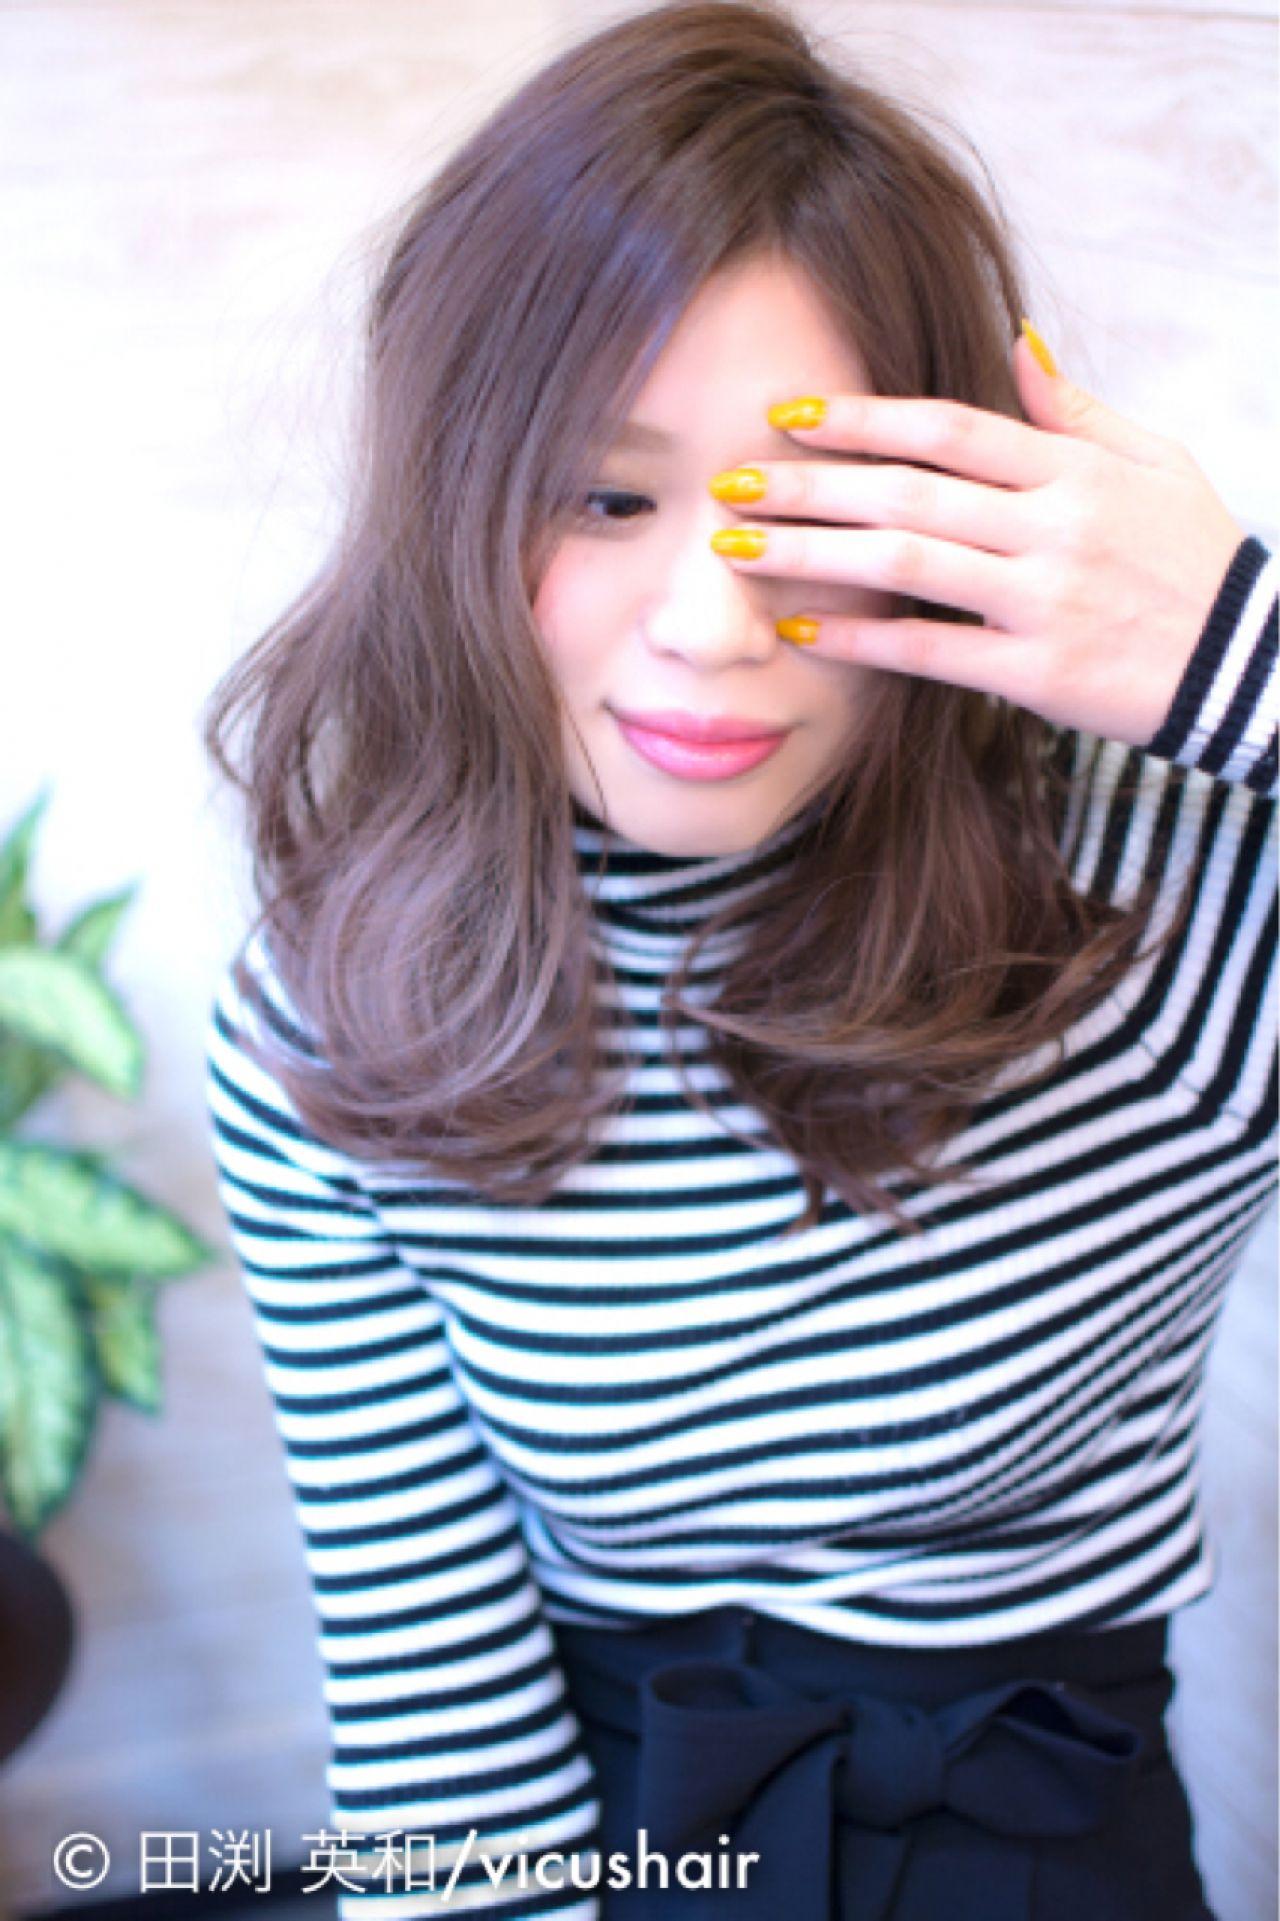 2015年春夏の絶対色!ラベンダーアッシュで決めちゃおう♪ 田渕 英和 / vicushair